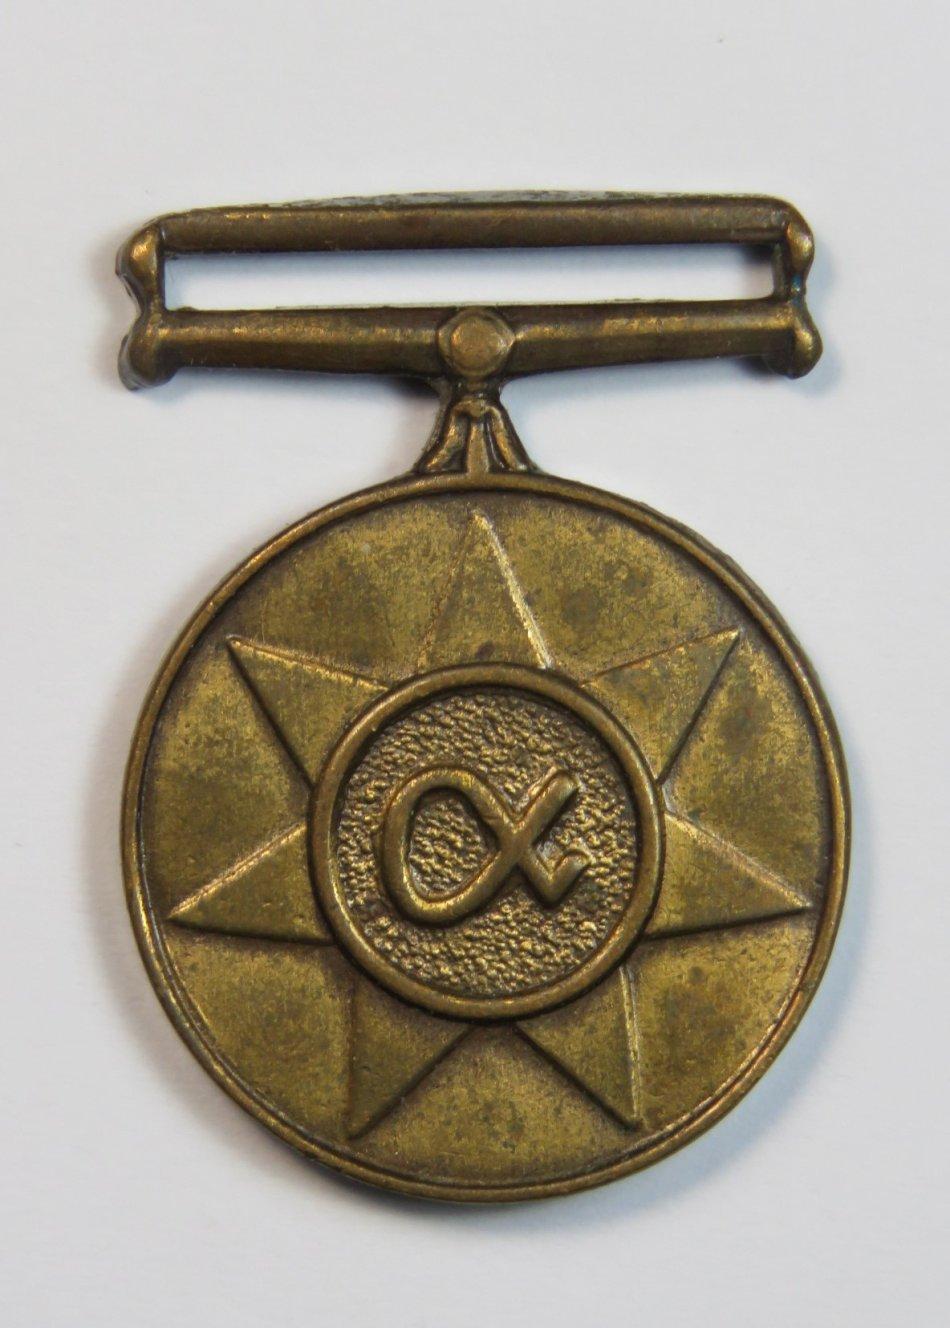 SADF Unity miniature medal